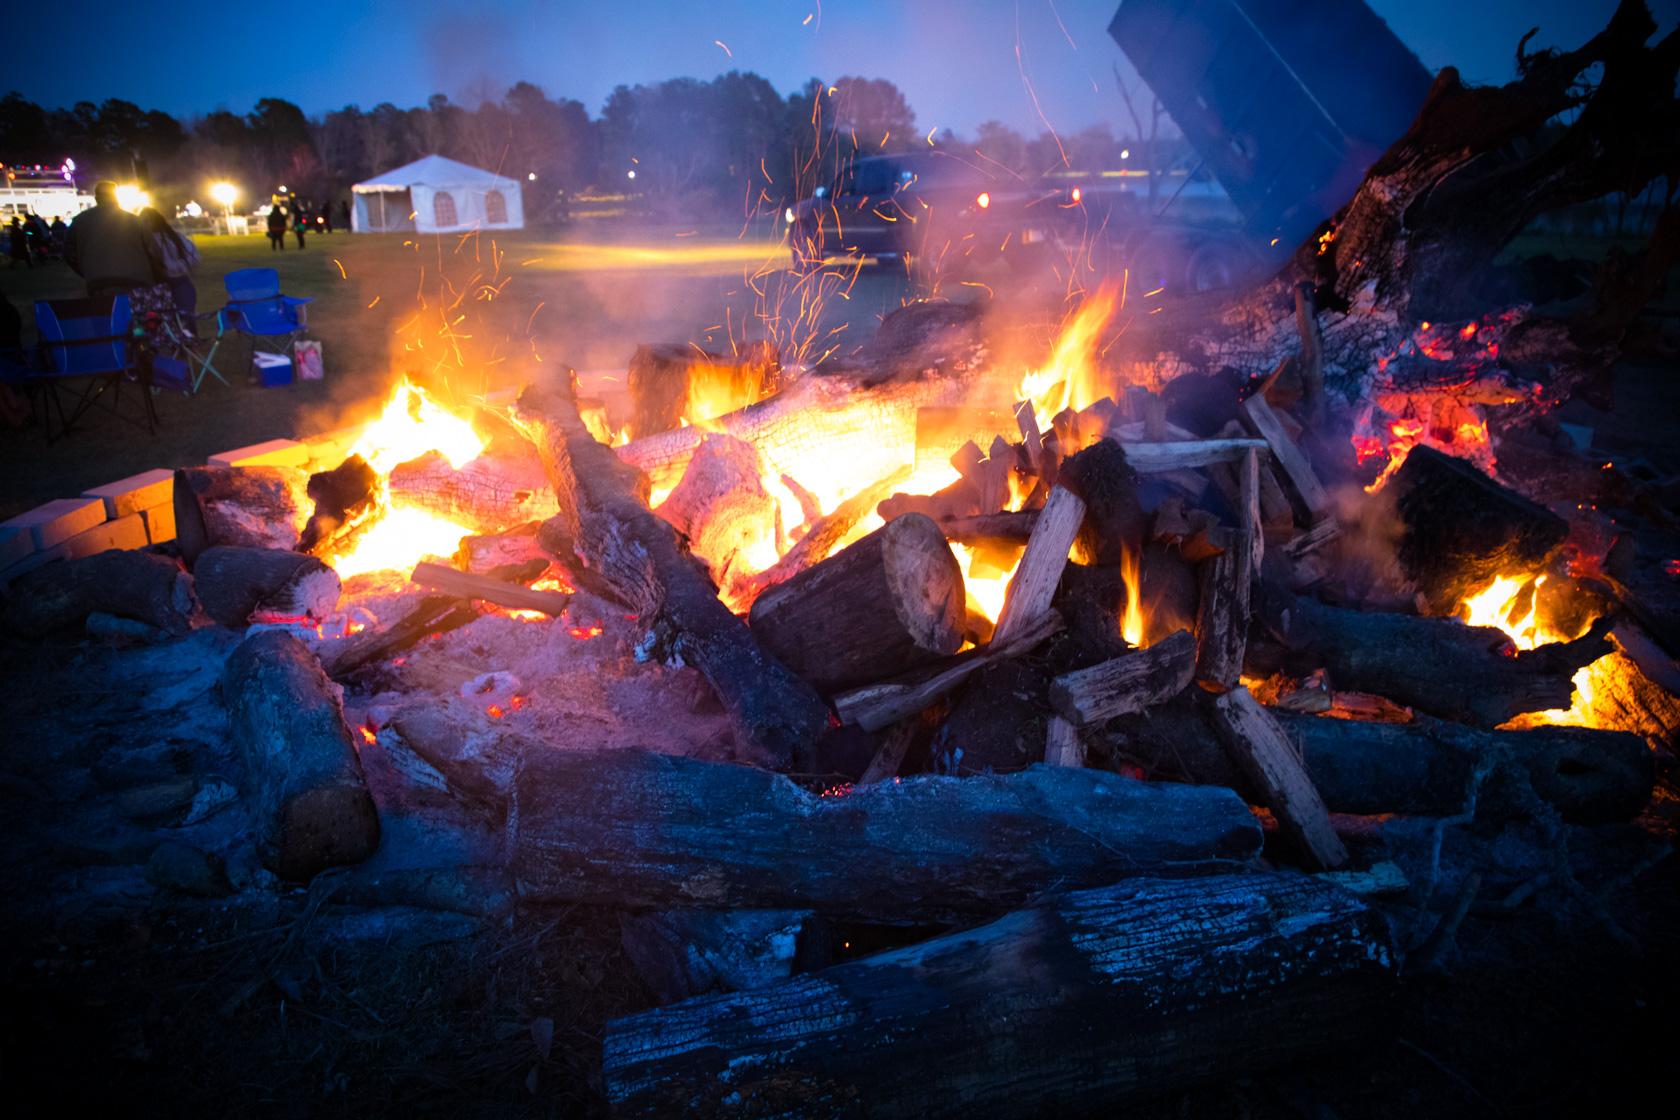 bonfire 2020